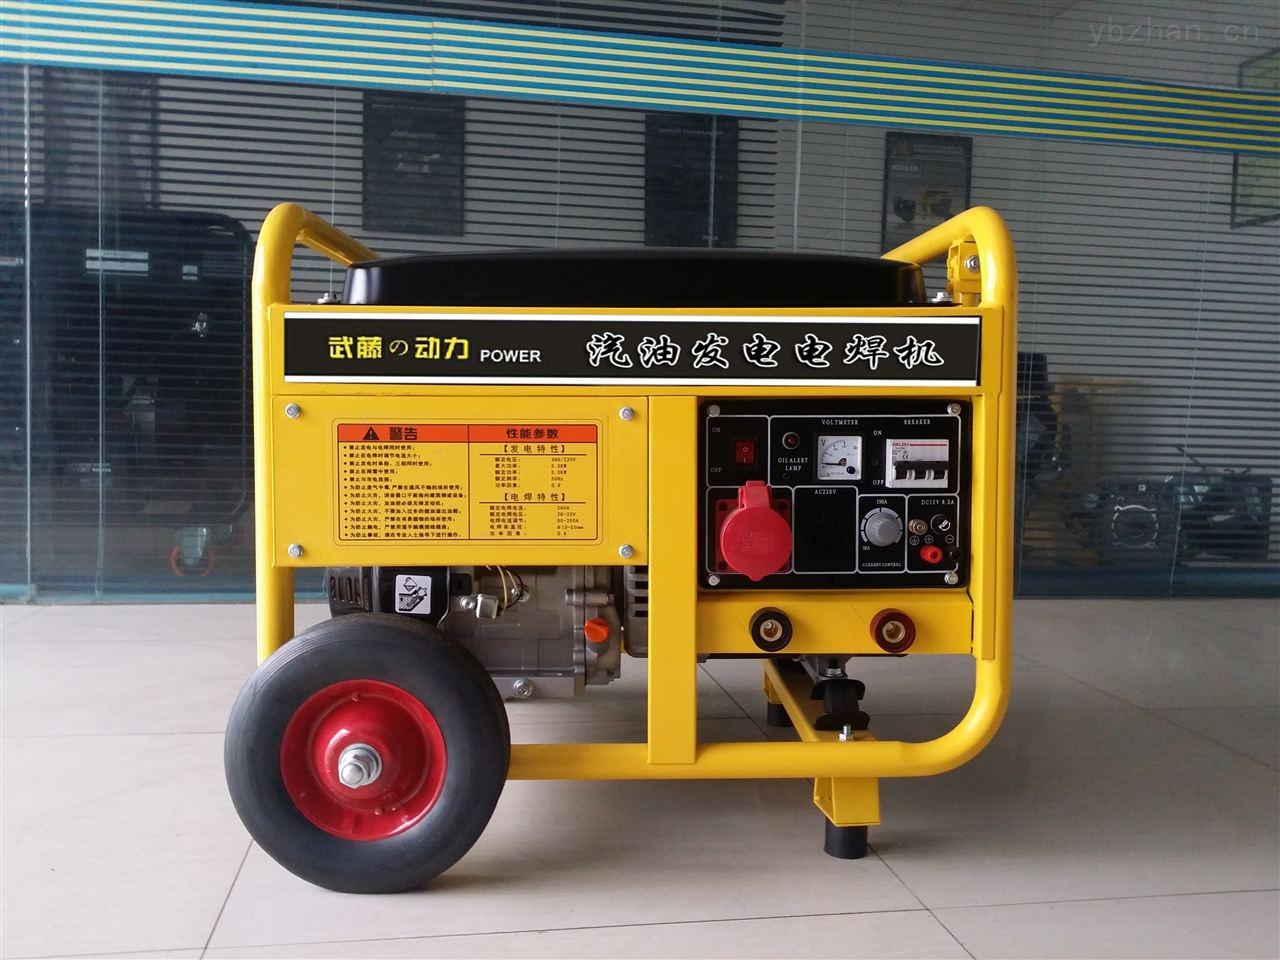 多功能350a汽油发电电焊机